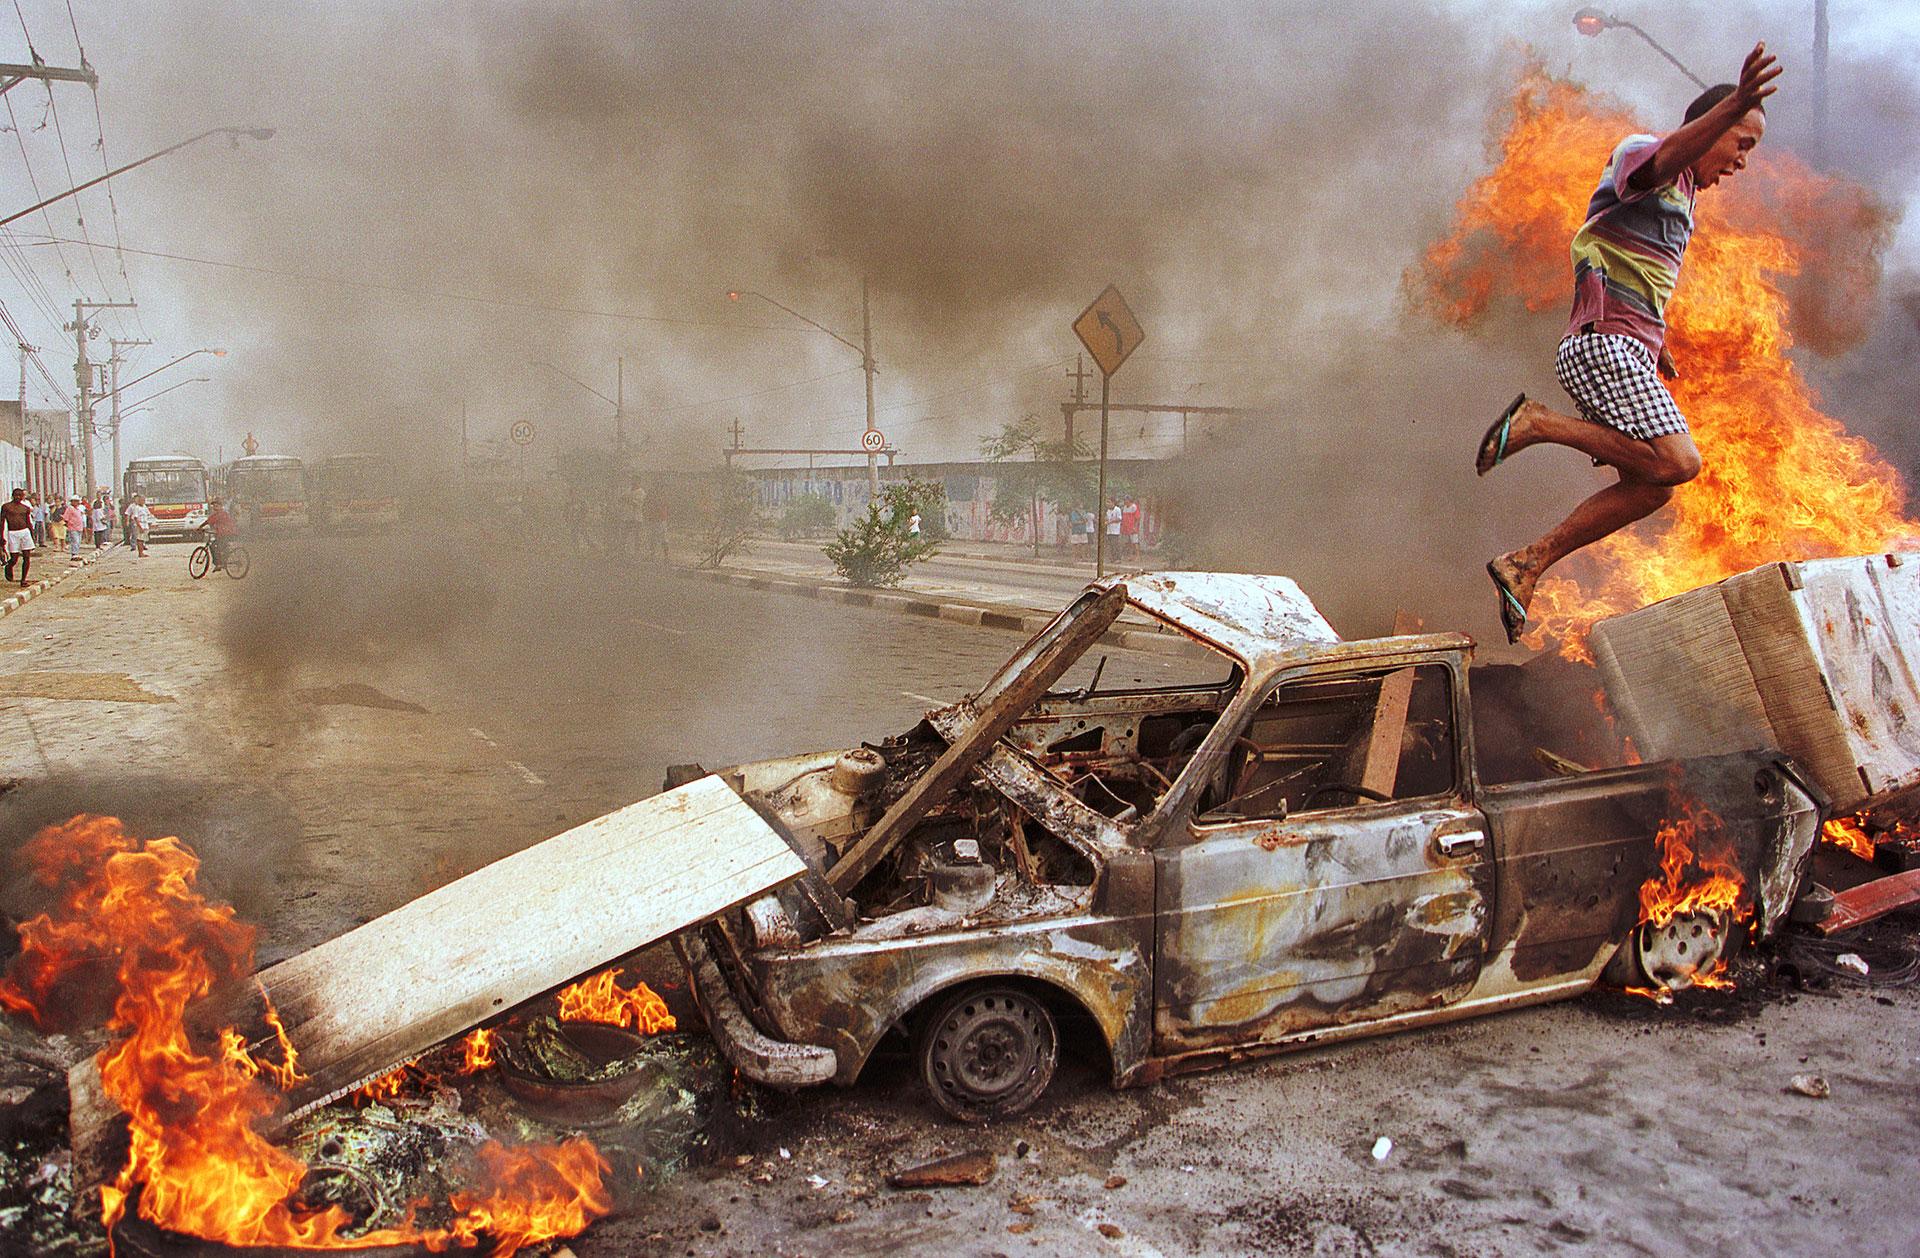 São Paulo, Brasil, 20 de março de 1998: depois de diversas enchentes, moradores de Ermelino Matarazzo, na periferia da cidade, queimaram veículos para pedir mais investimentos do governo para diminuir o problema dos alagamentos. Neste clique, um homem que colocou fogo em um carro se afasta da cena, advertido por um policial